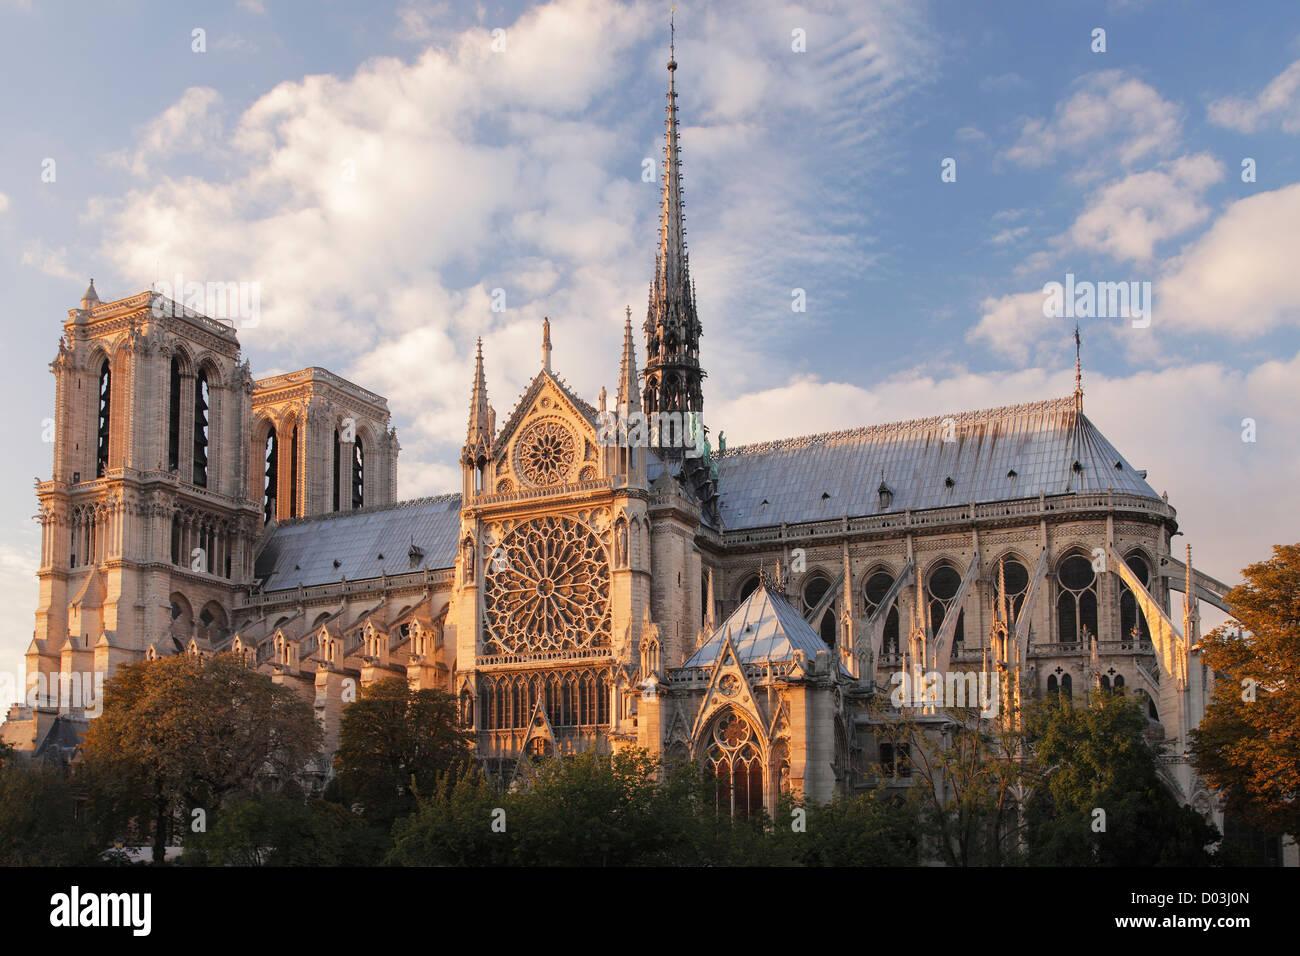 Notre Dame de Paris; La Cathédrale Notre-Dame de Paris Stockfoto